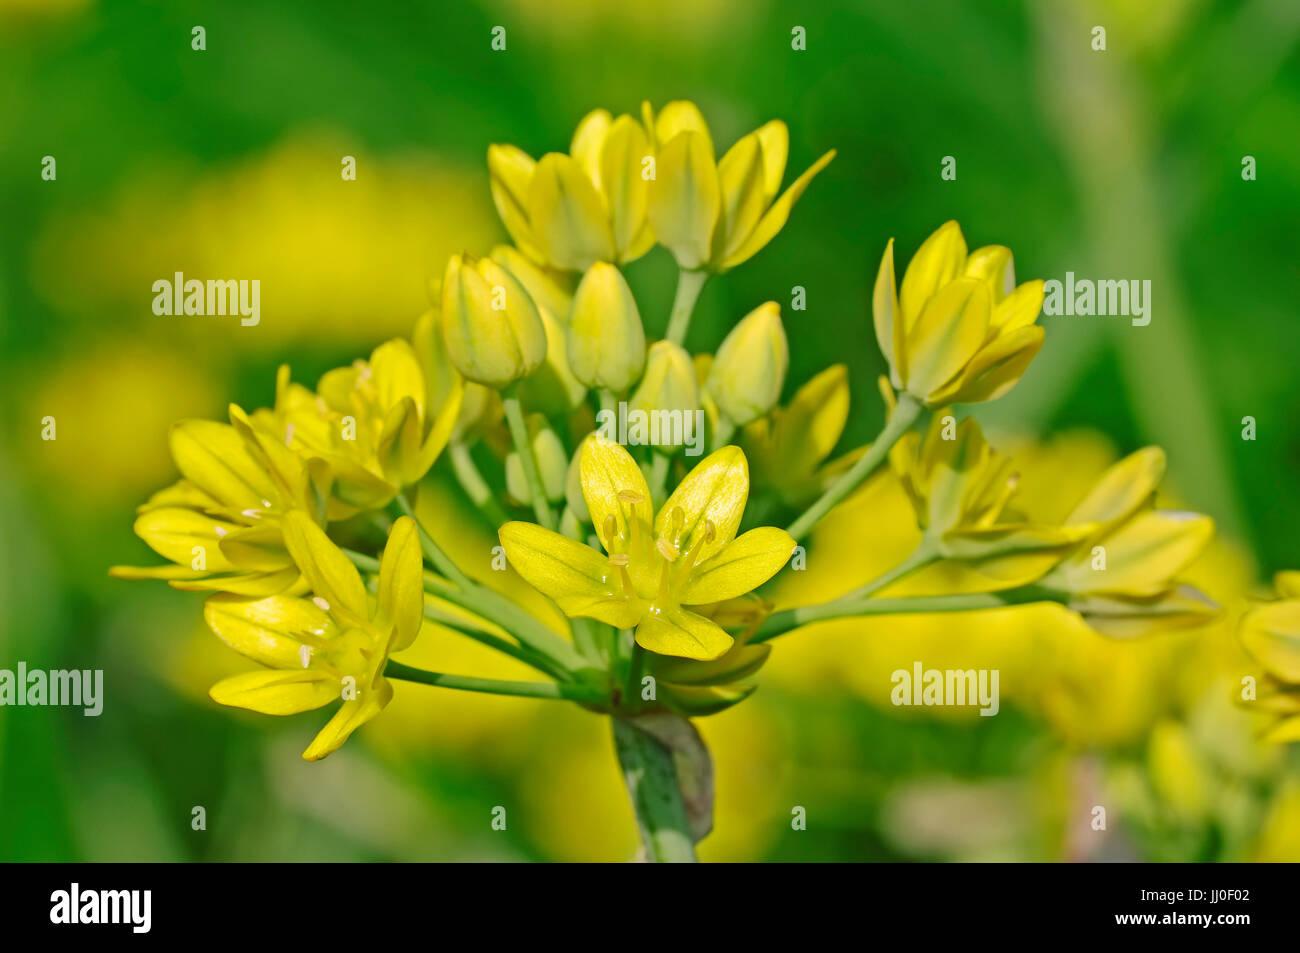 goldene knoblauch allium moly gelbe zwiebel liliy lauch gold lauch allium moly. Black Bedroom Furniture Sets. Home Design Ideas